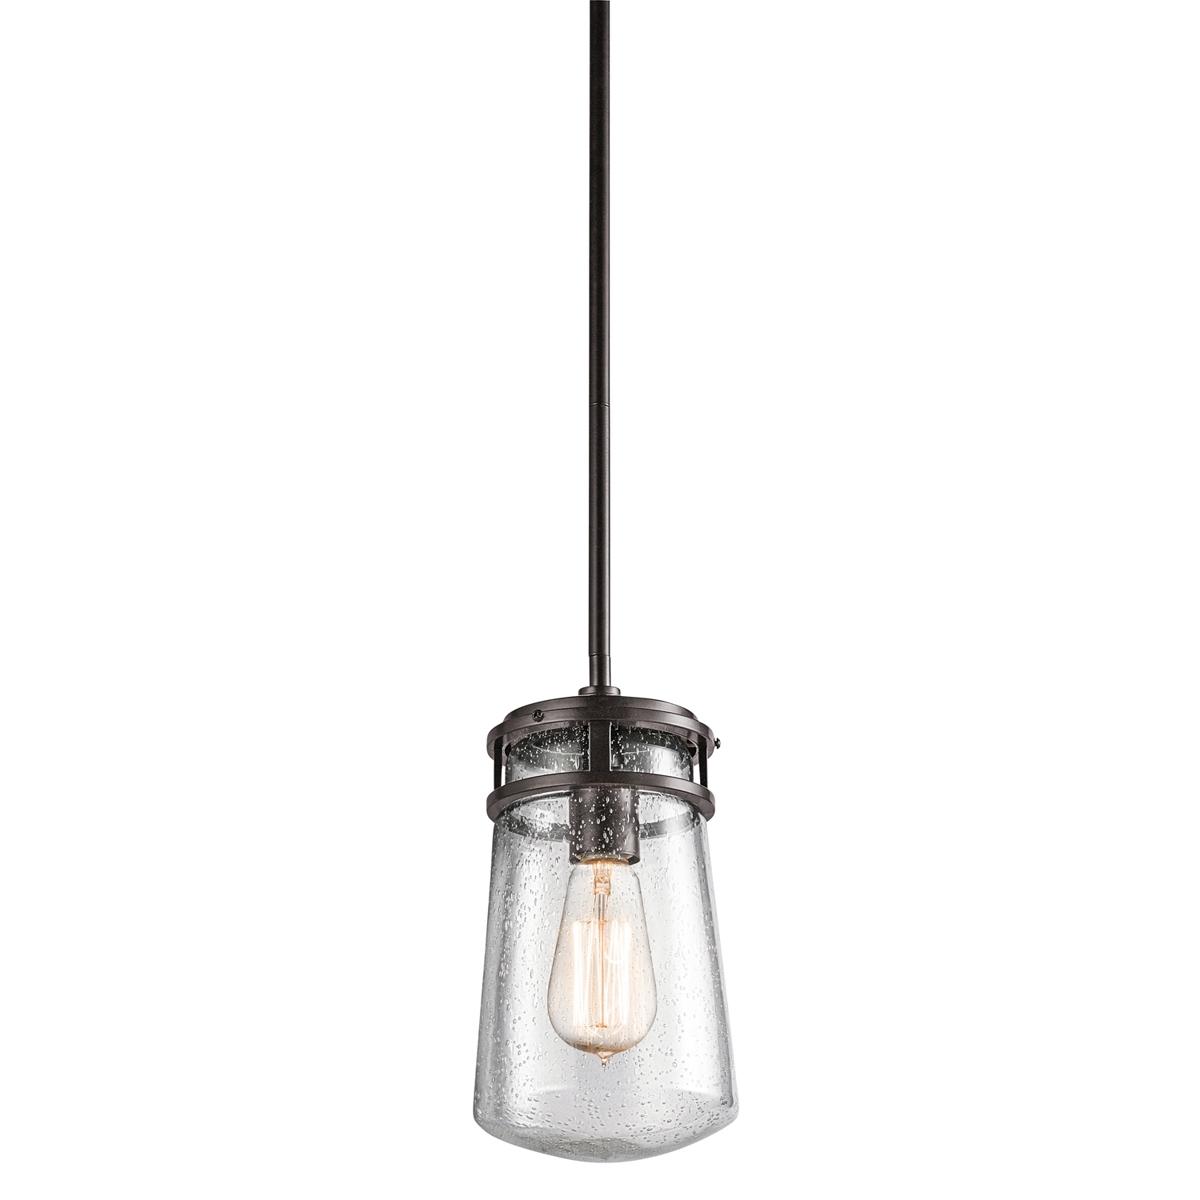 Outdoor Pendant Light Fixtures Incredible Hanging Lights Lamps Expo With Outdoor Hanging Light Pendants (View 4 of 15)